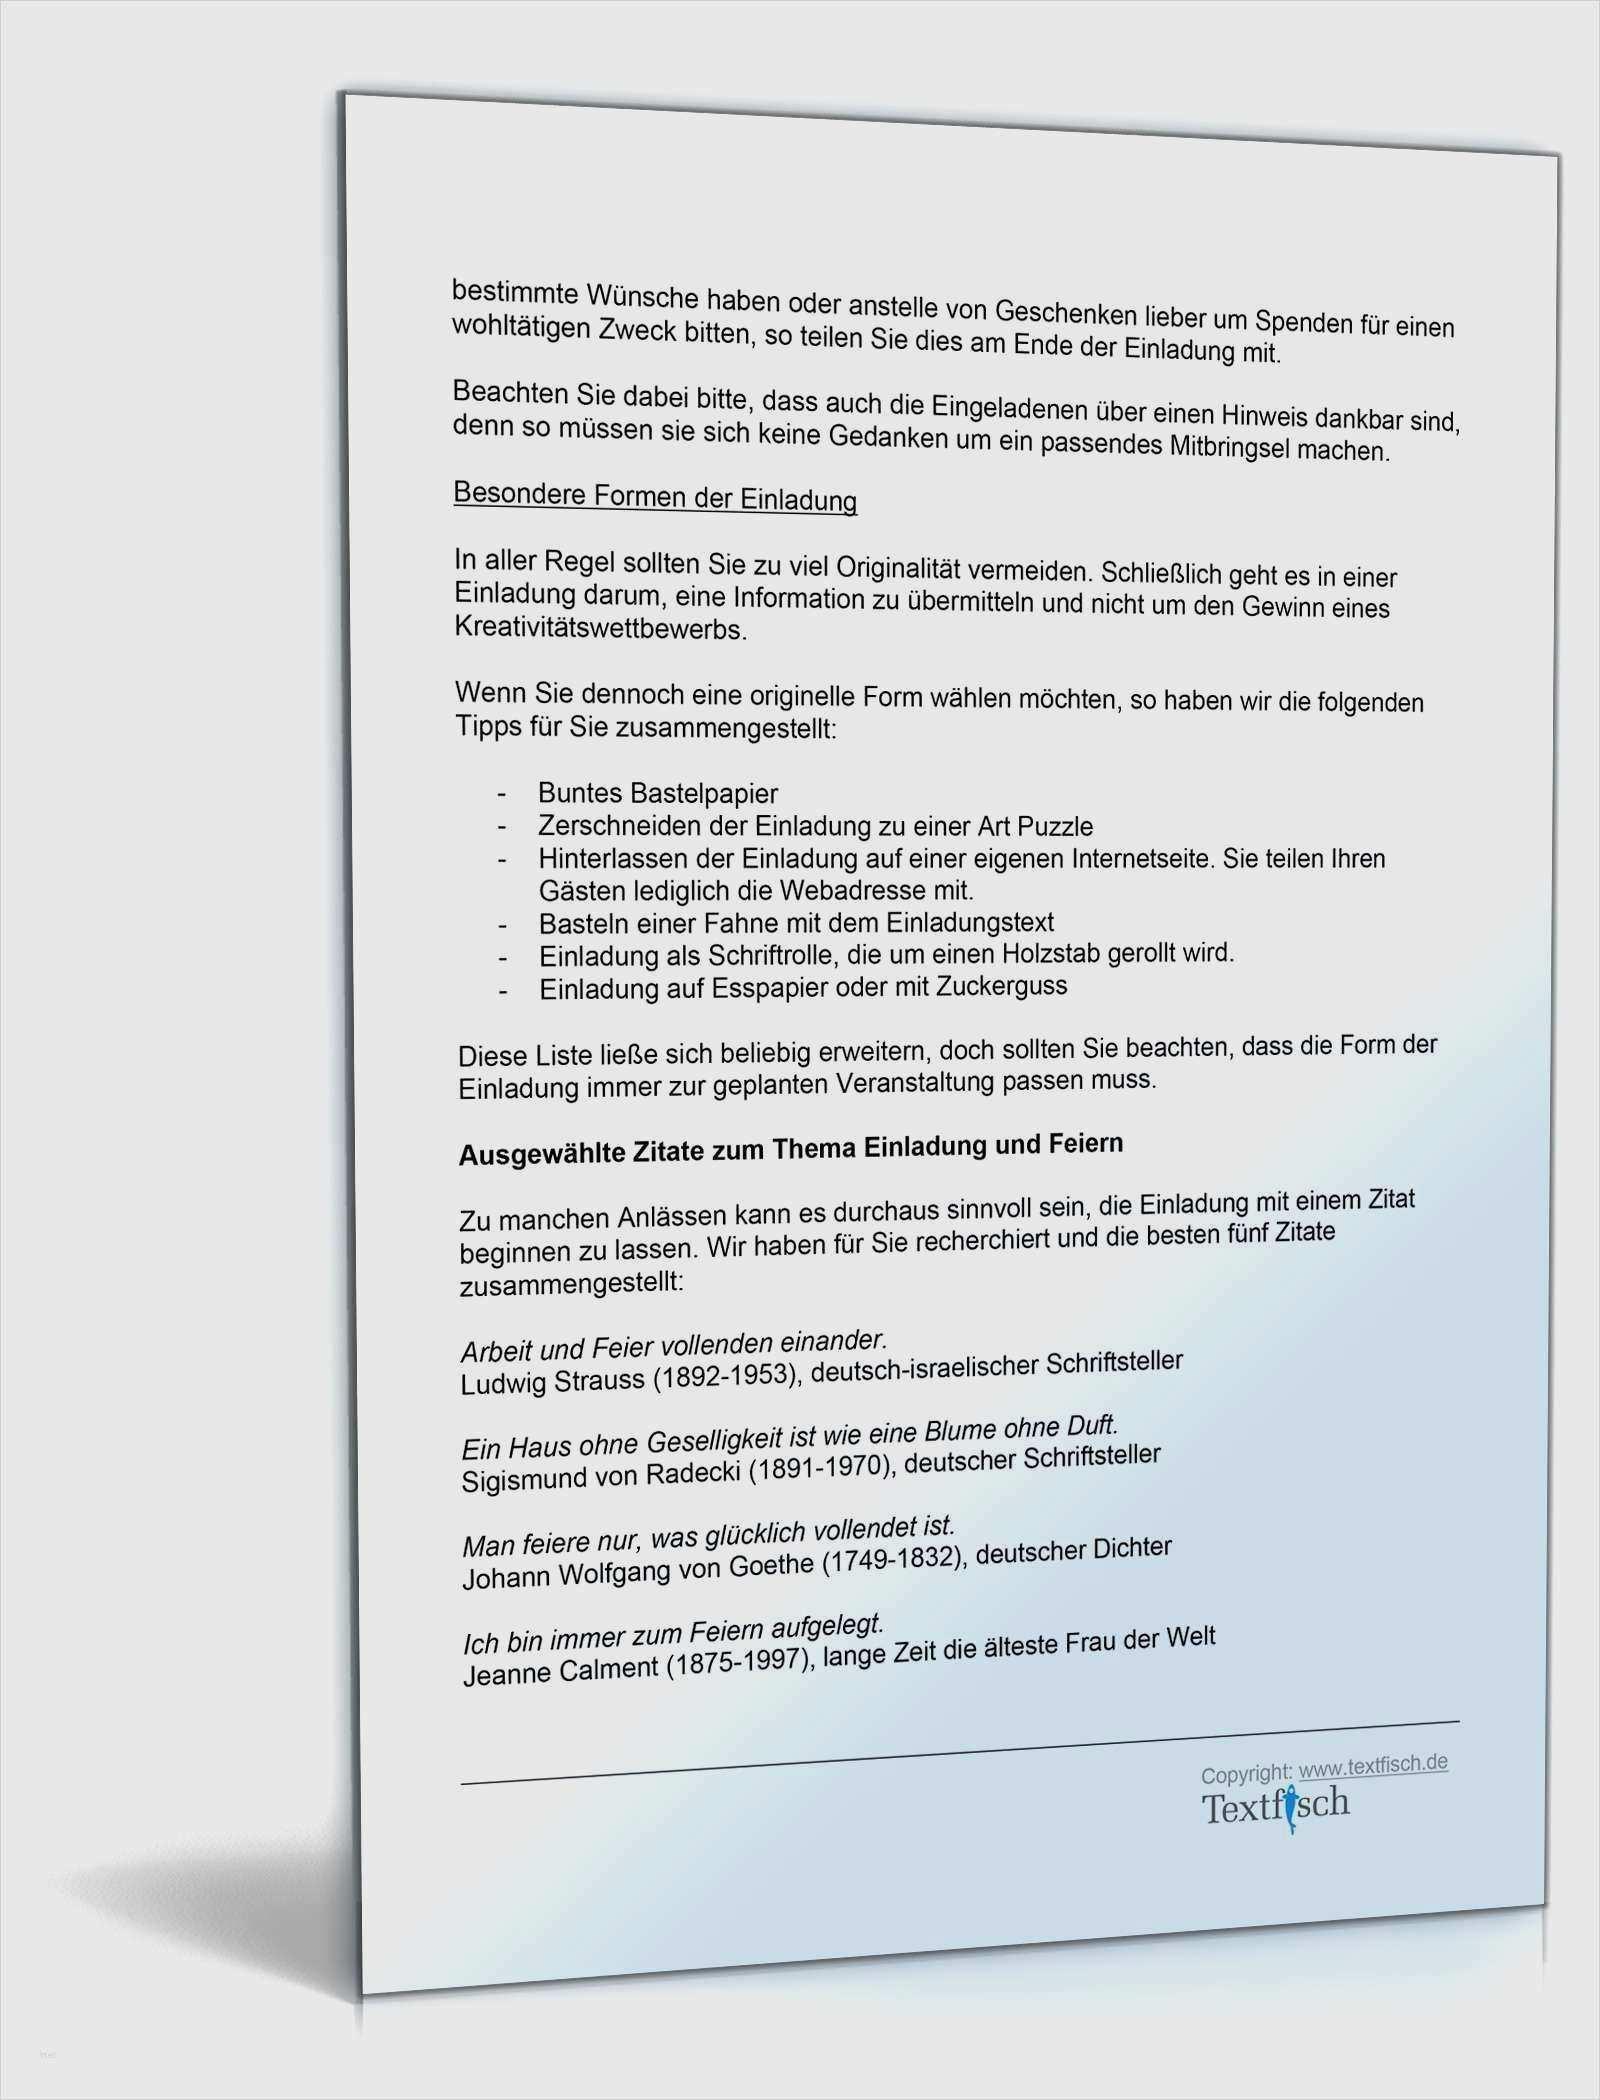 45 Hubsch Formelle Einladung Vorlage Ebendiese Konnen Einstellen Fur Ihre Kreative Ideen Einladung Text Einladungstext Einladungen Vorlagen